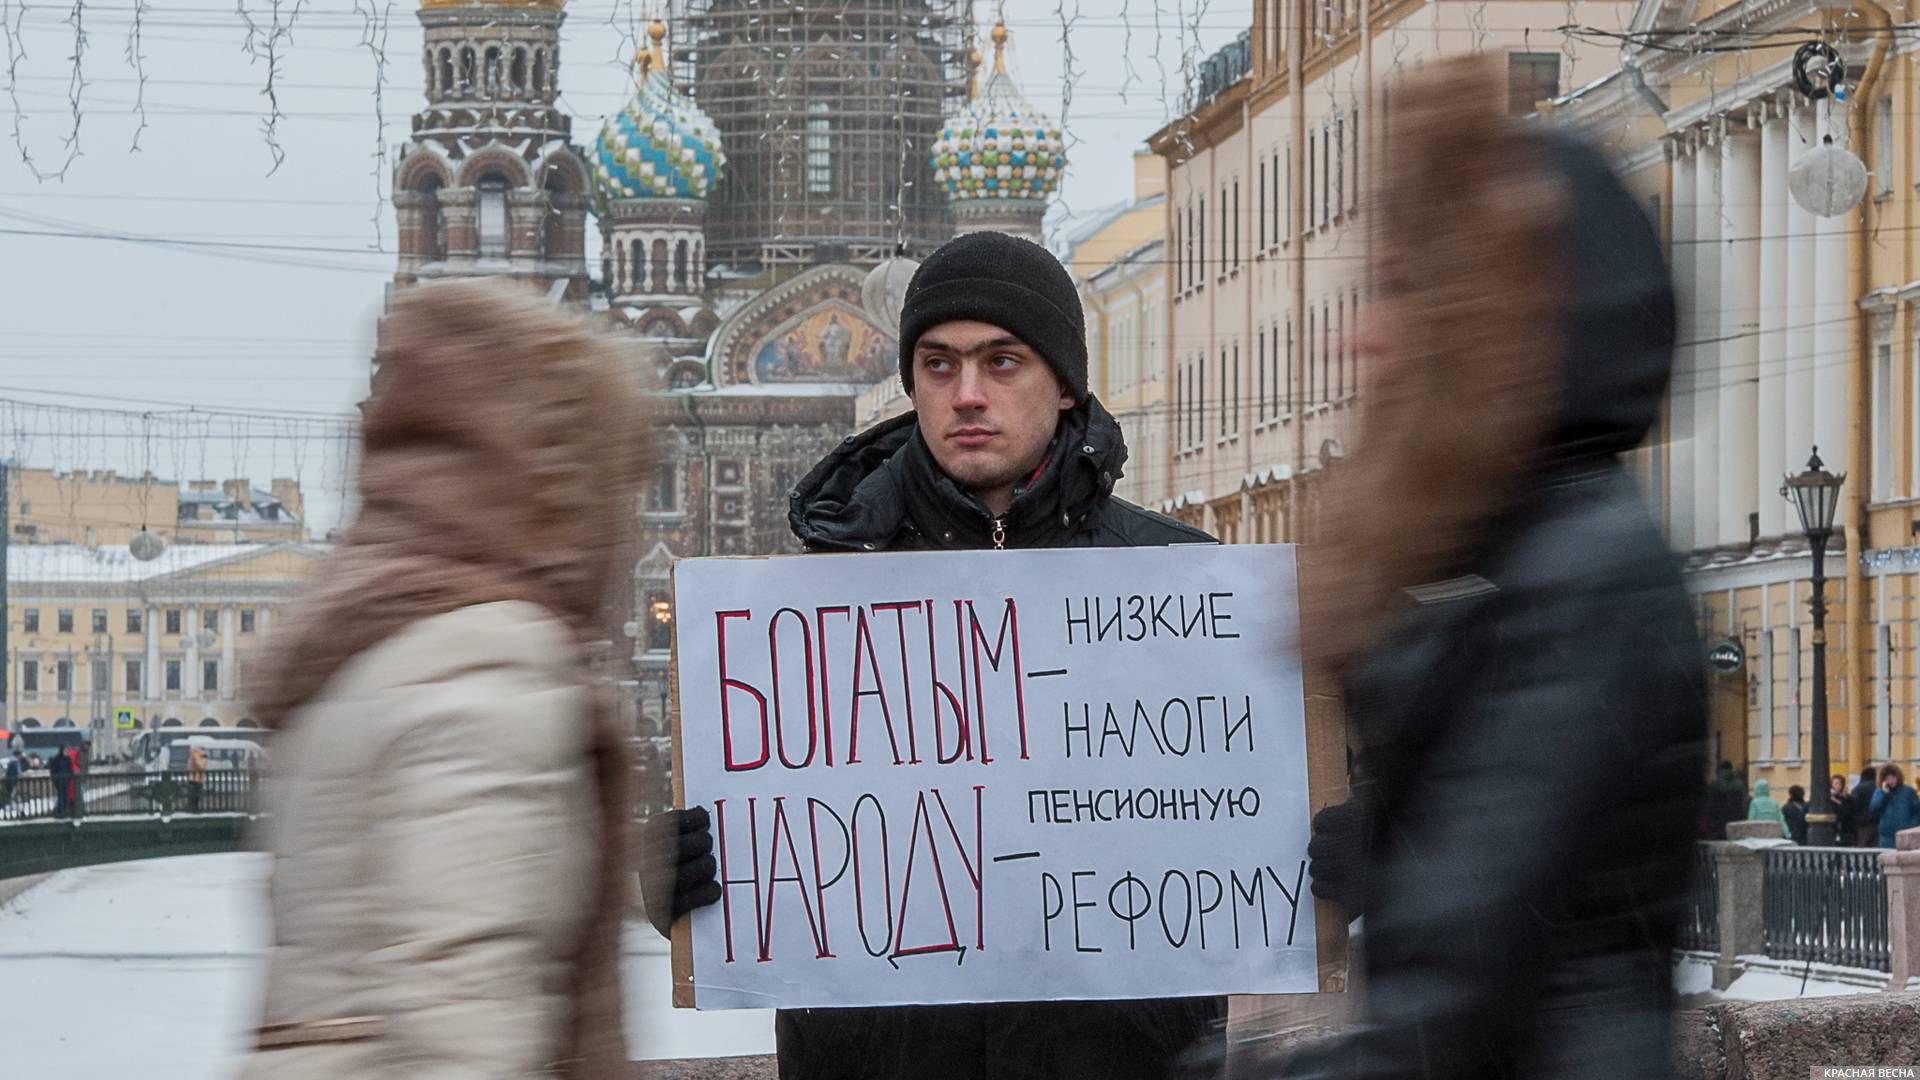 Пикет на Невском проспекте против пенсионной реформы